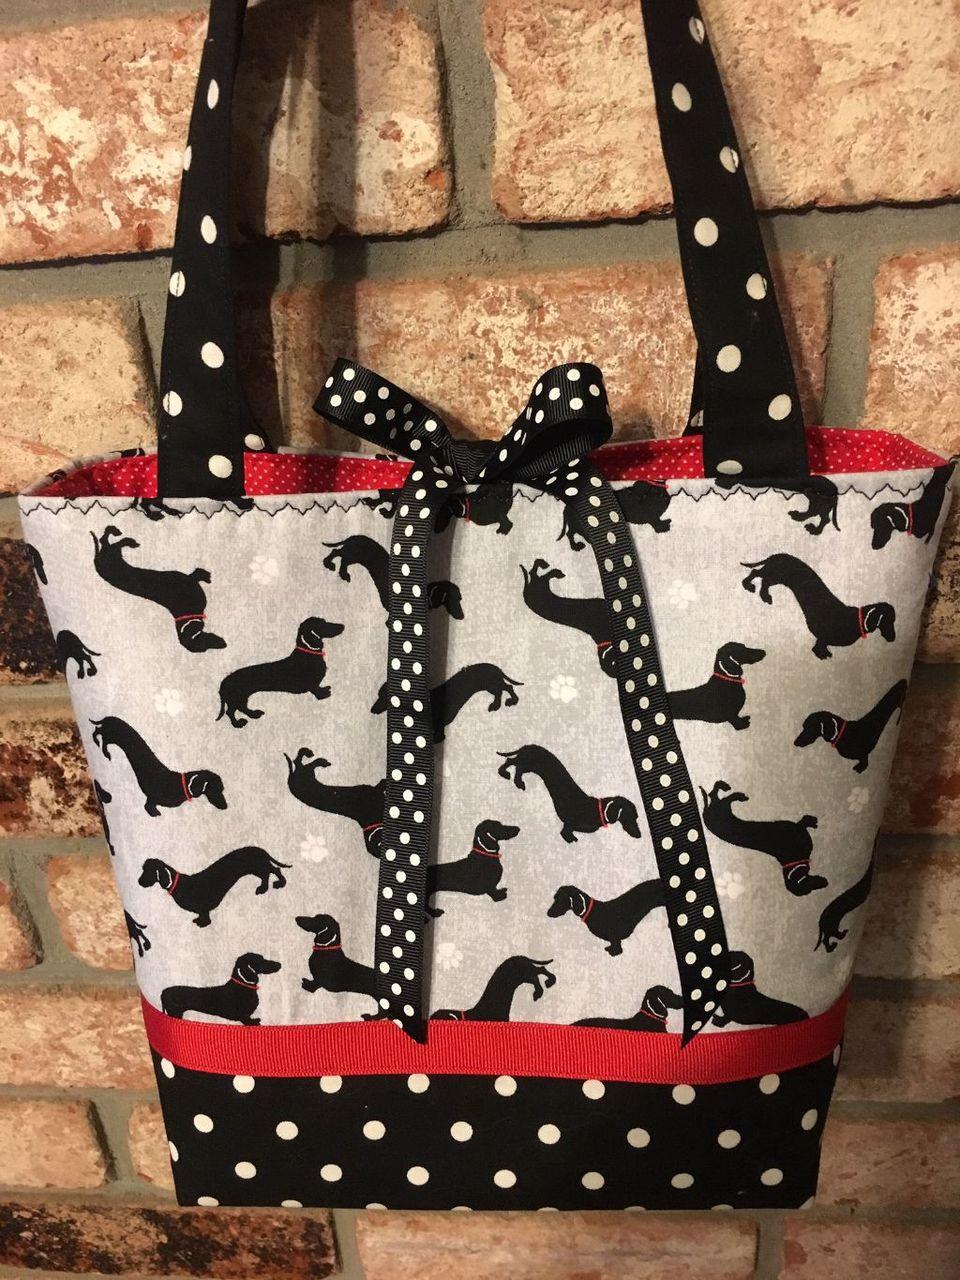 Limited Edition Dachshund Handbag